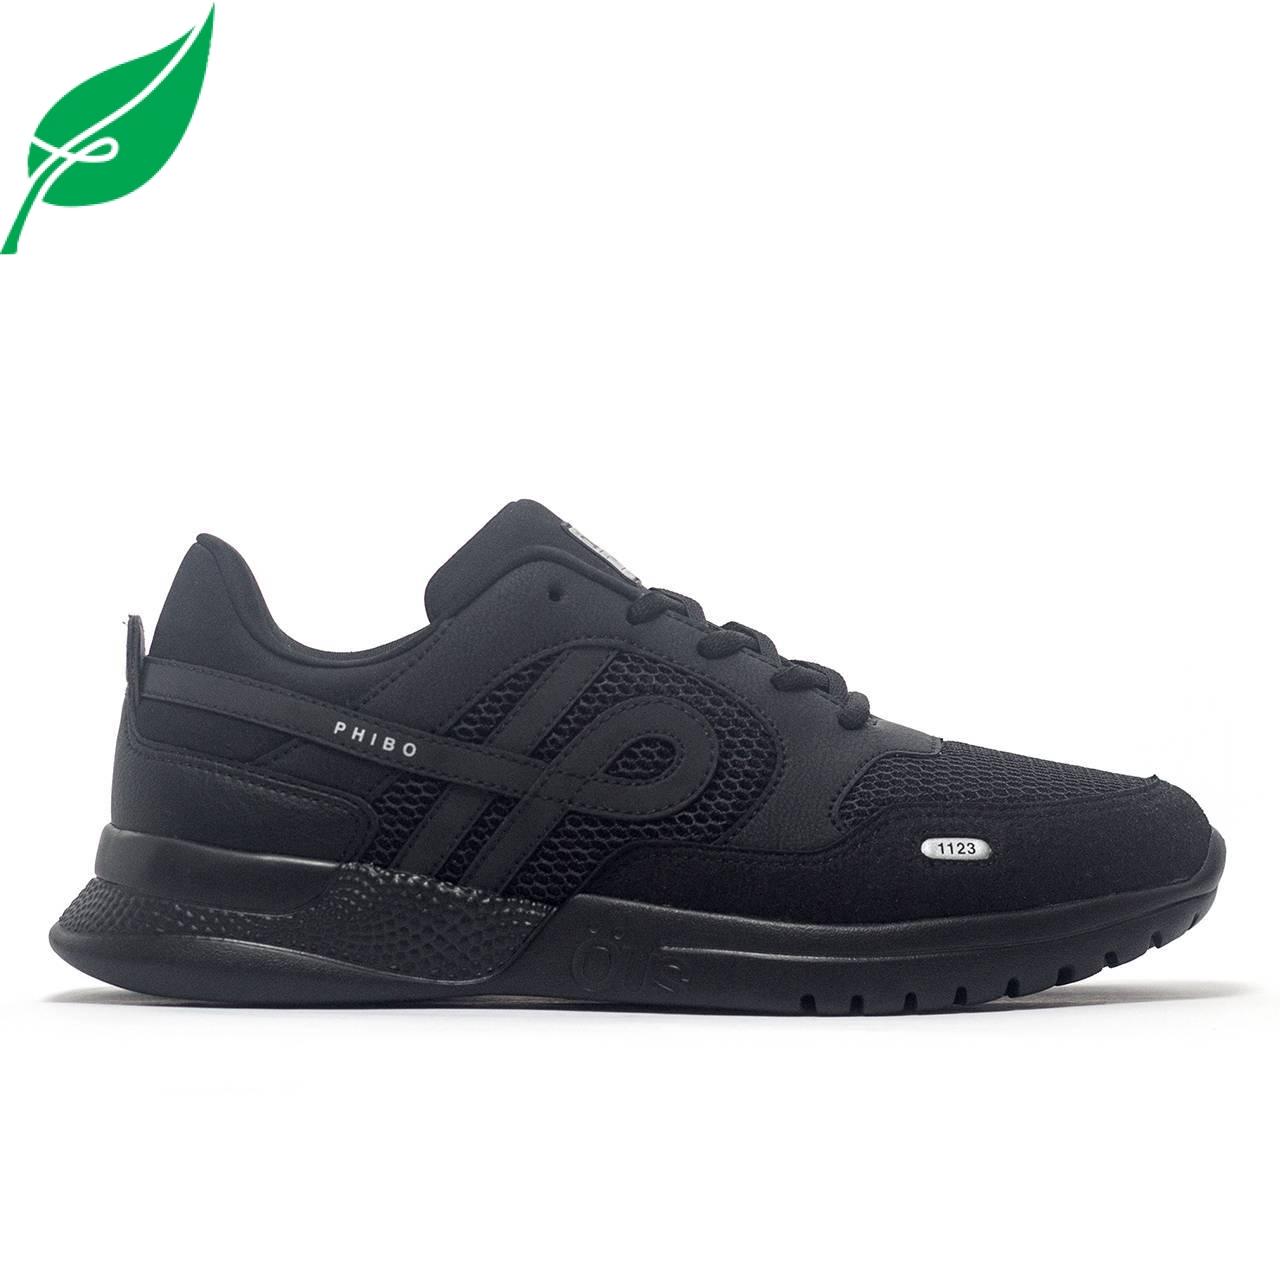 Tênis ÖUS Phibo 1123 Black Reflect OE - Preto/Preto (350002)